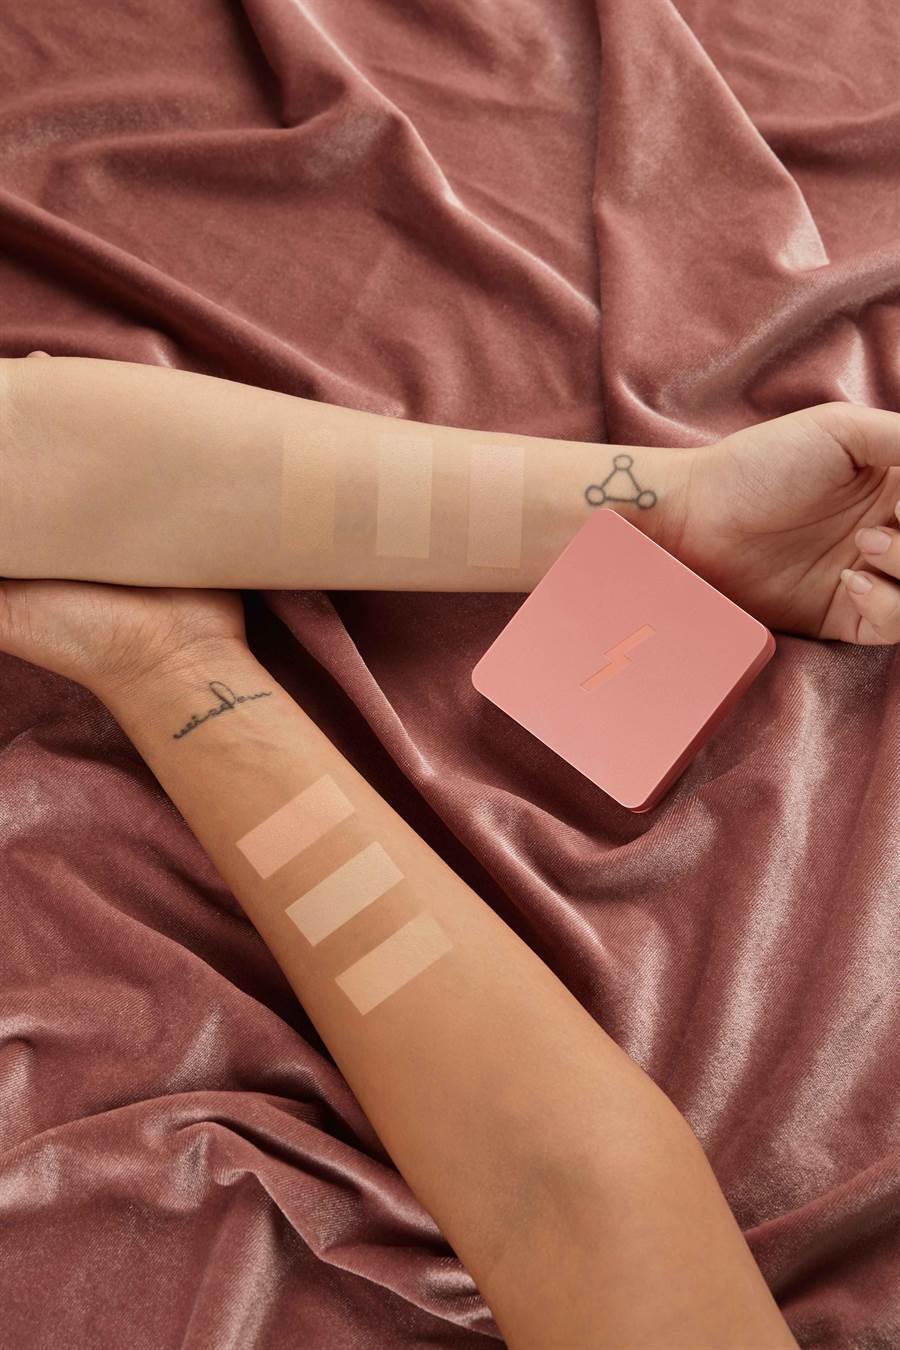 PONY EFFECT持久無瑕氣墊粉餅-粉紅梨花限定版刷色。(圖/品牌提供)